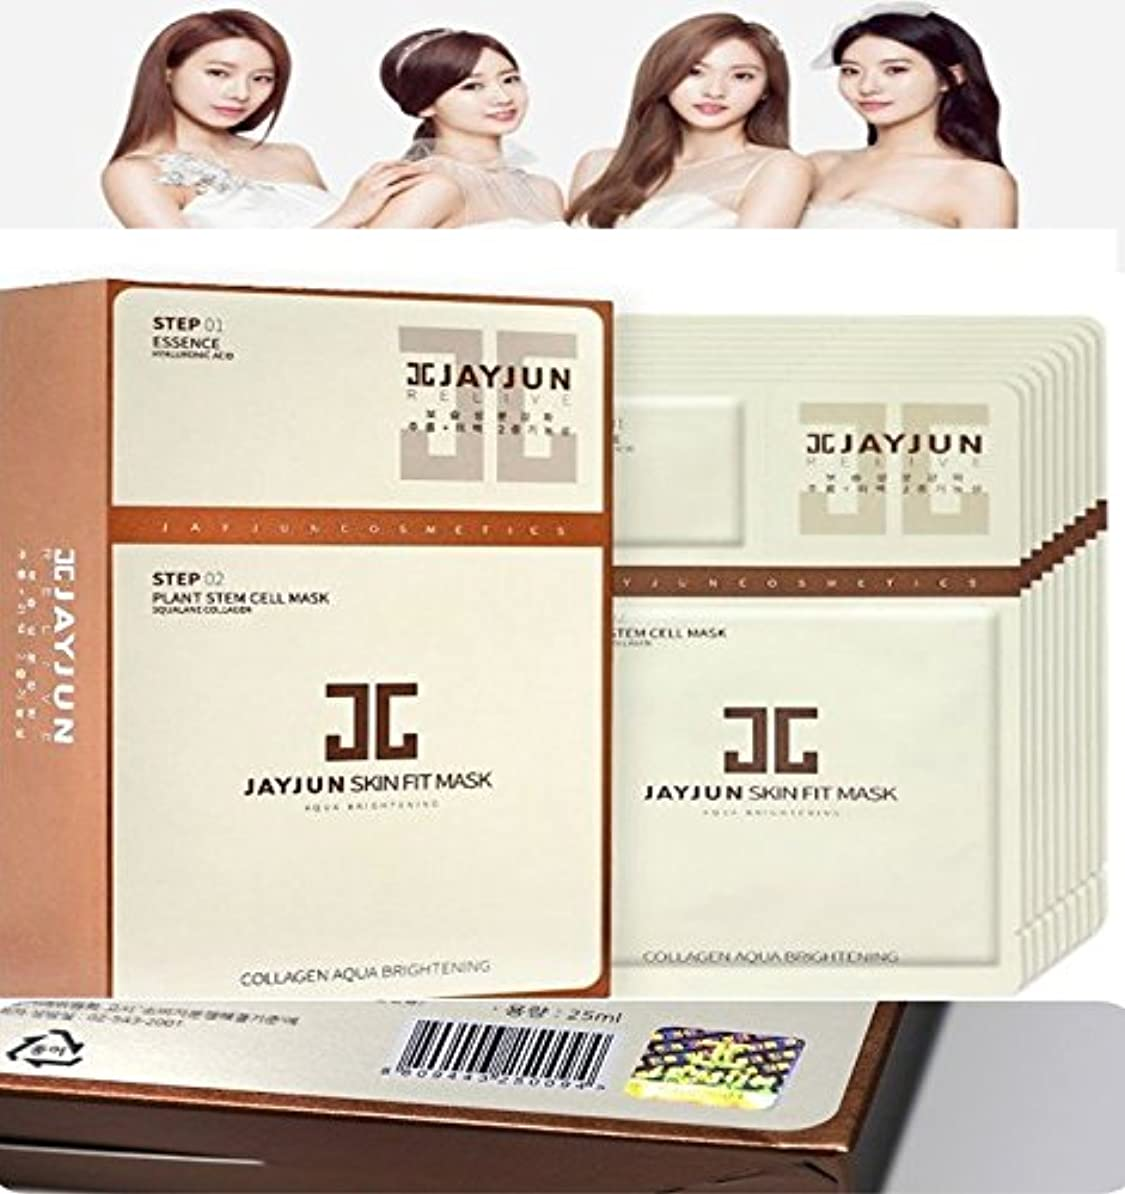 お香許容スナップJAYJUN スキンフィットアクア ブライトニング マスク(10枚入り/JayJun Skin Fit Collagen Aqua Brightening Mask Sheet 10Pcs/HG Sticker Certified...